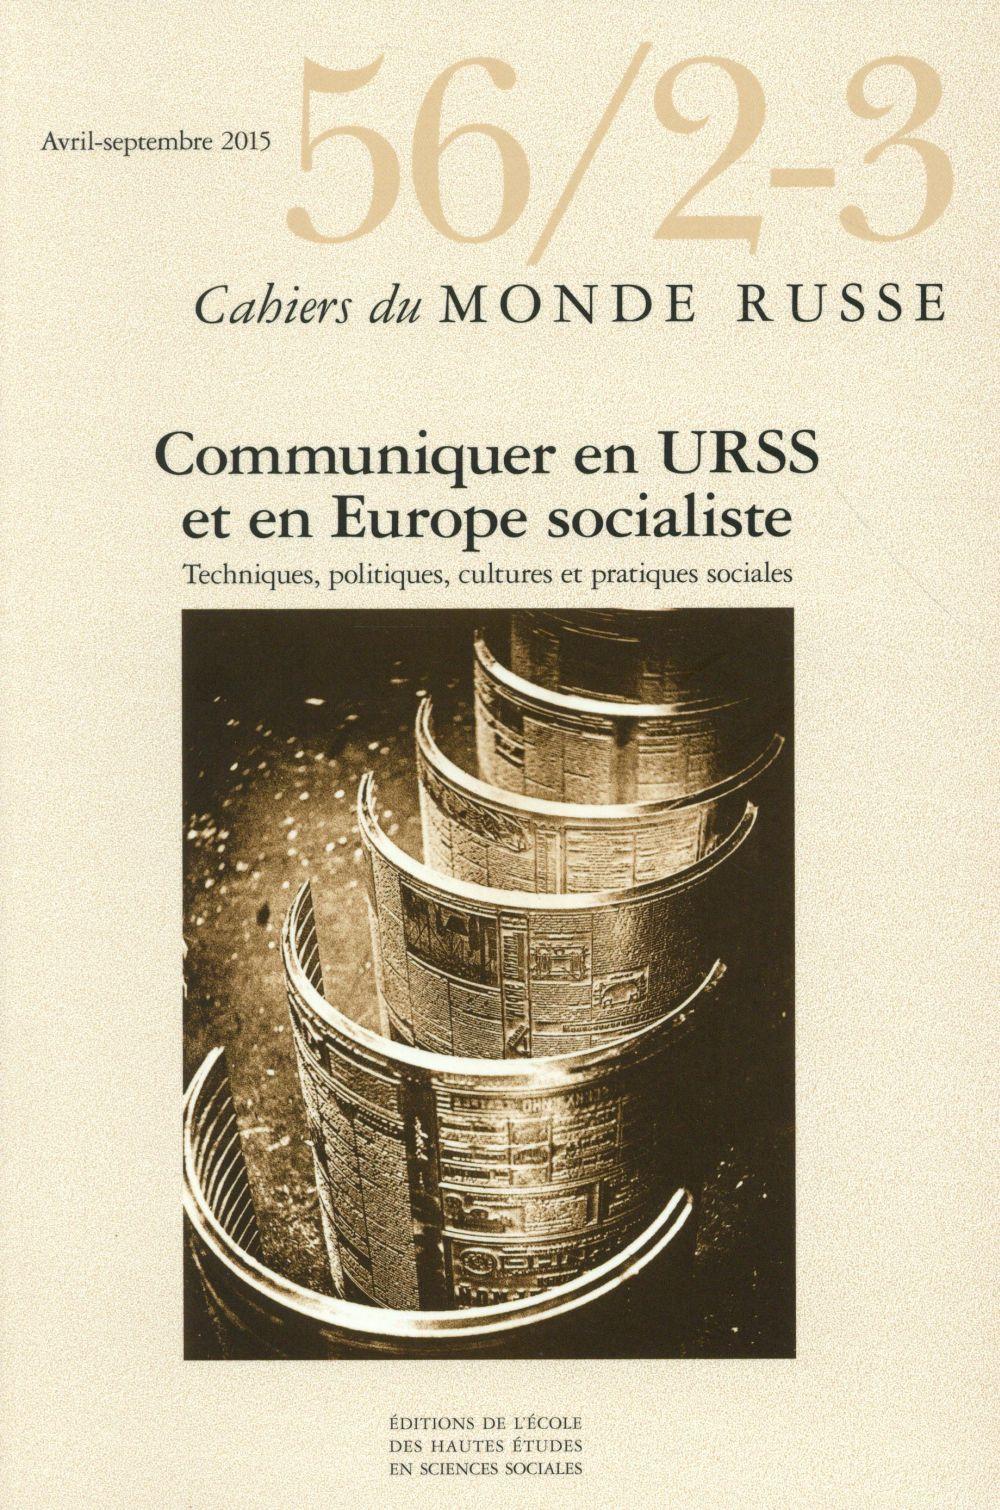 CAHIERS DU MONDE RUSSE 56 2 3 COMMUNIQUER EN URSS ET EN EUROPE SOCIALISTE TECHNI